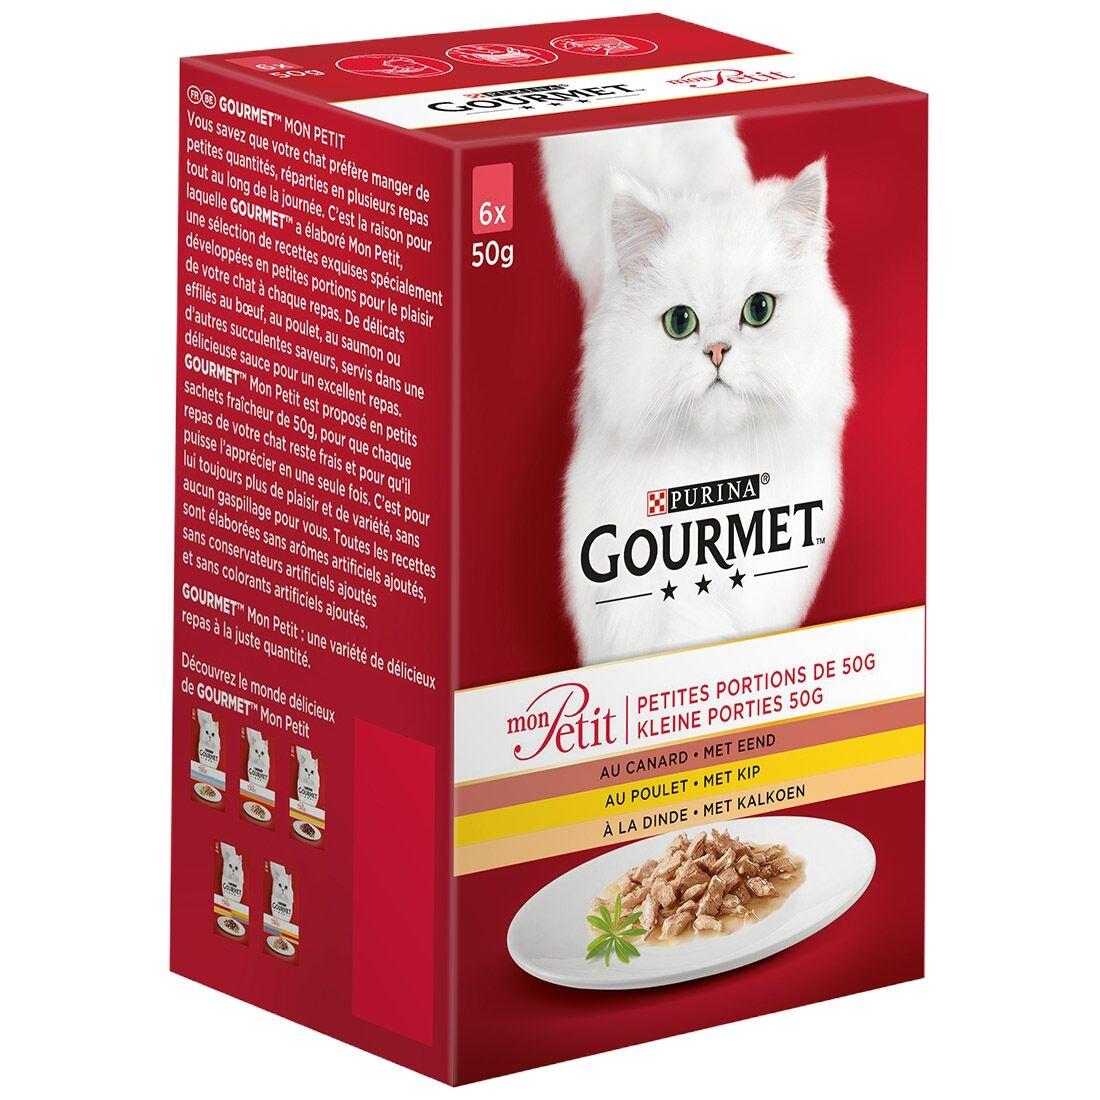 Gourmet Sachets repas Gourmet Mon Petit Volaille Contenance : 6 sachets de 50 g